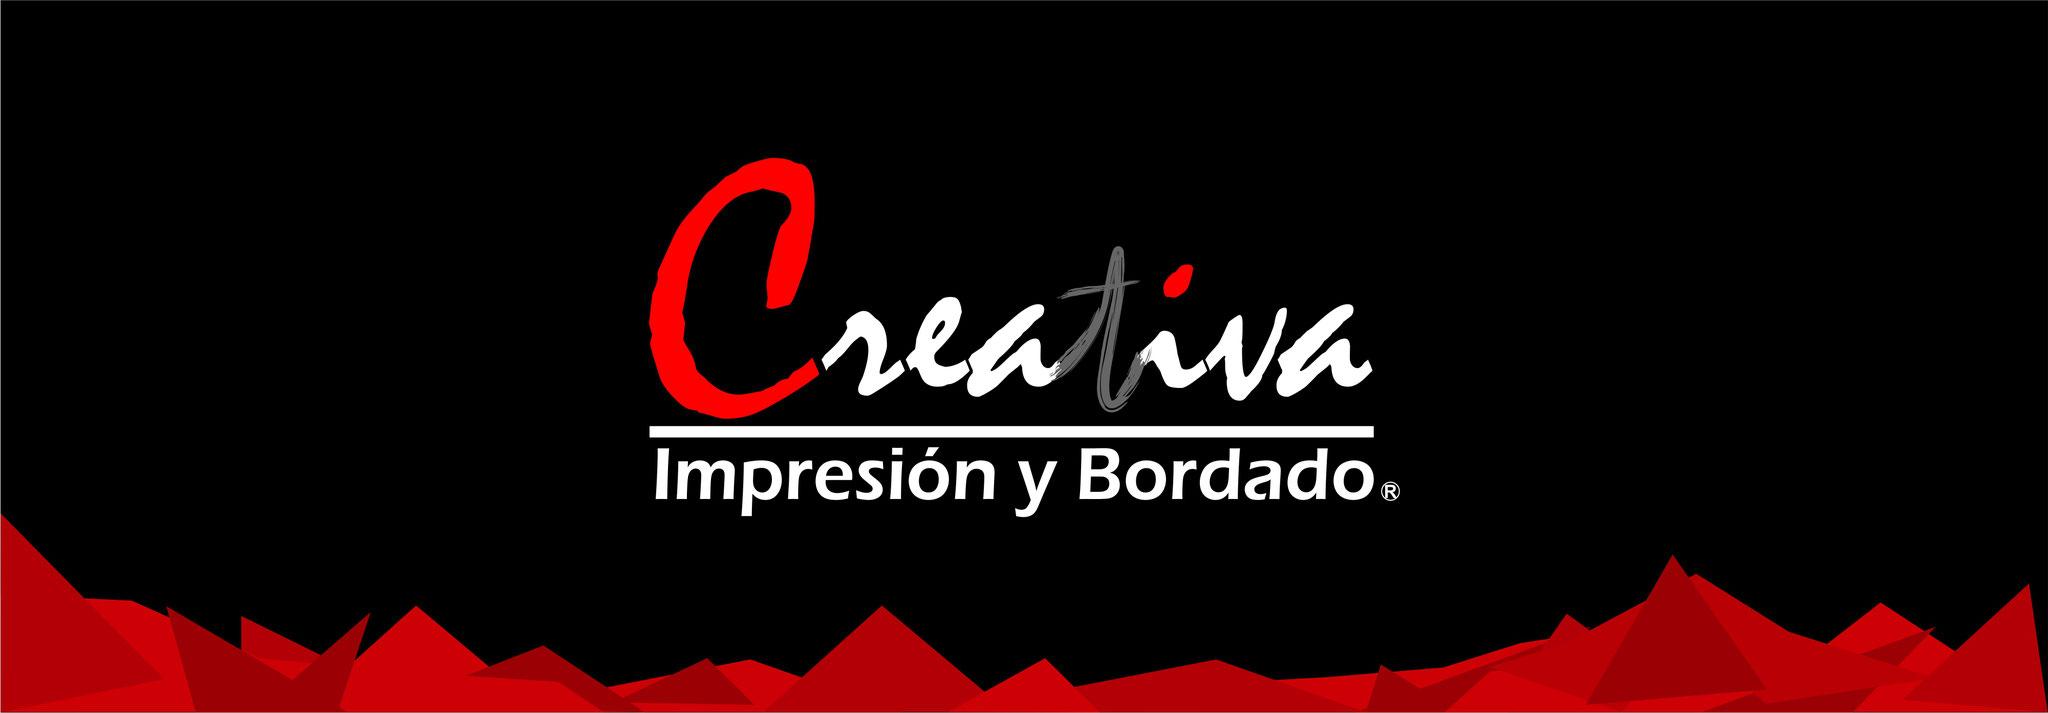 Inicio - Página web de creativaimpresionybordados 93ad662f1cdf3